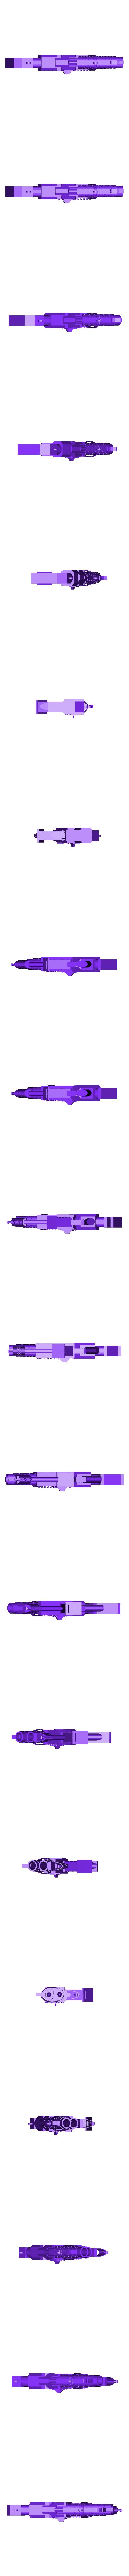 ORKIFIED_KUSTOM_SCORCHA.stl Télécharger fichier STL gratuit Ultra Hulky Mega Ork Nob • Plan imprimable en 3D, 40Emperor